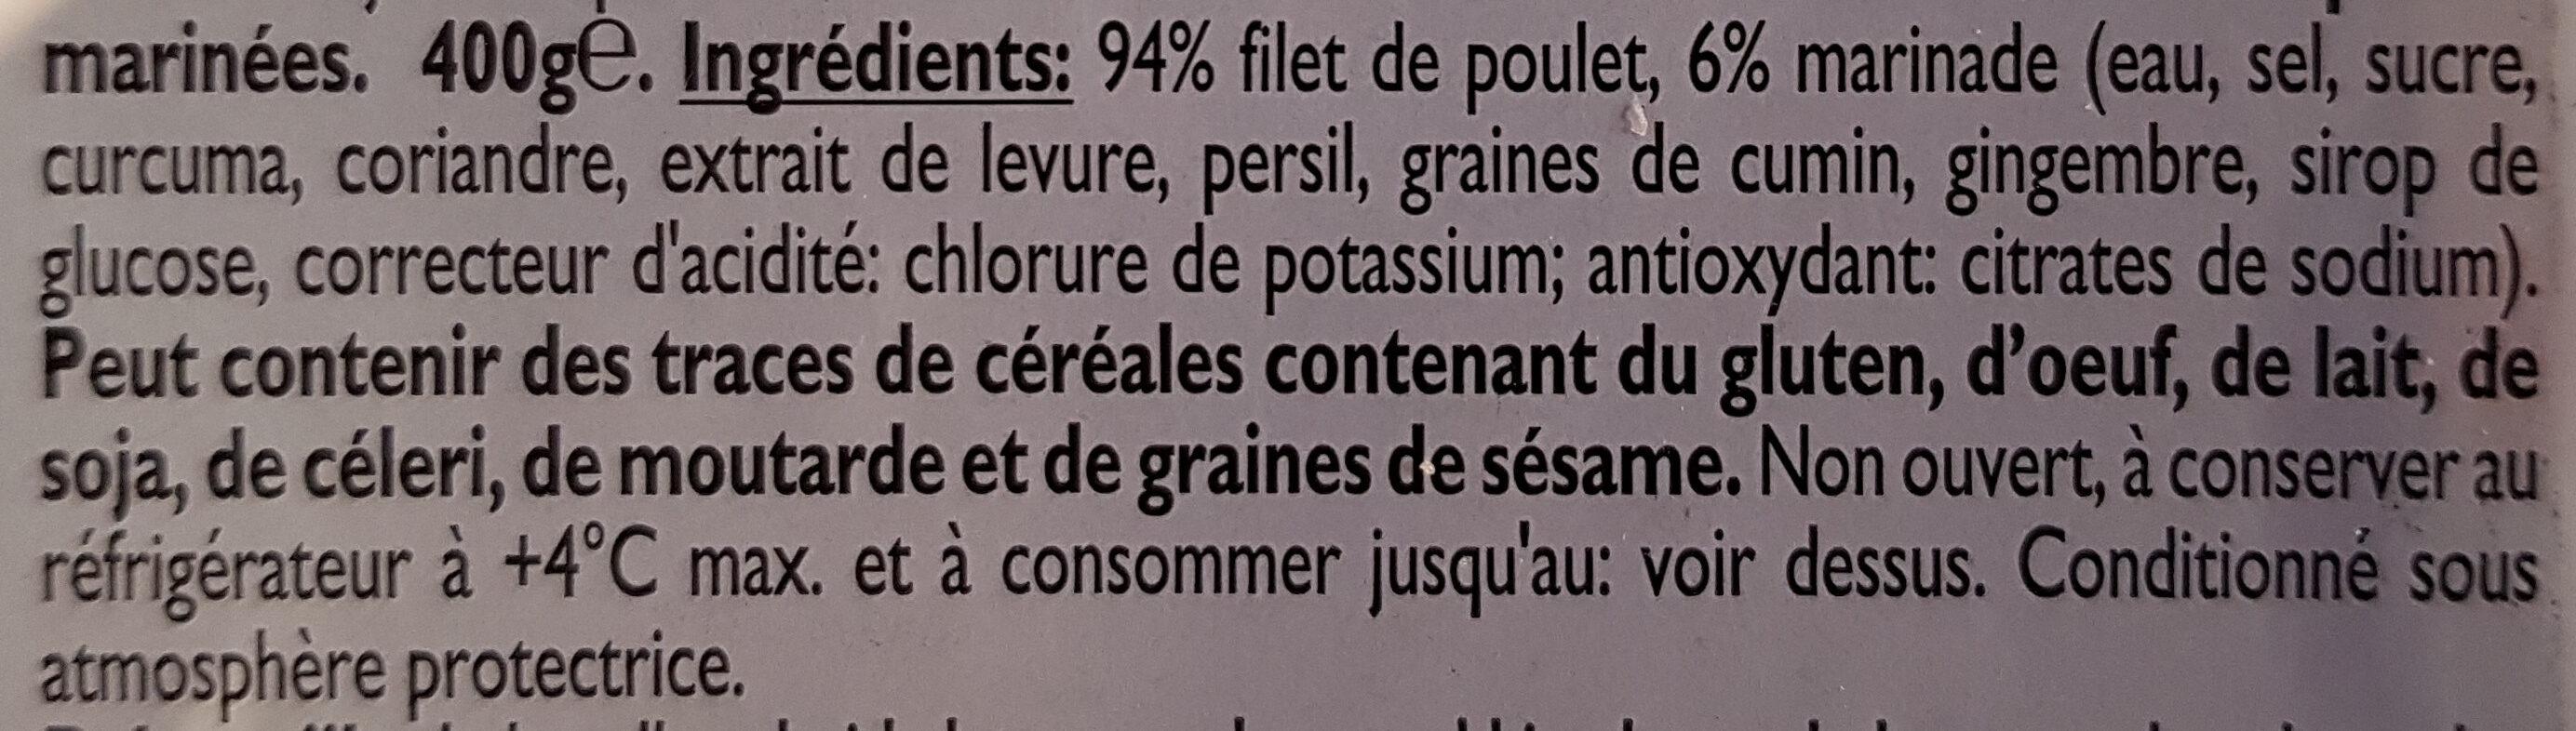 Émincé de poulet - Ingrédients - fr